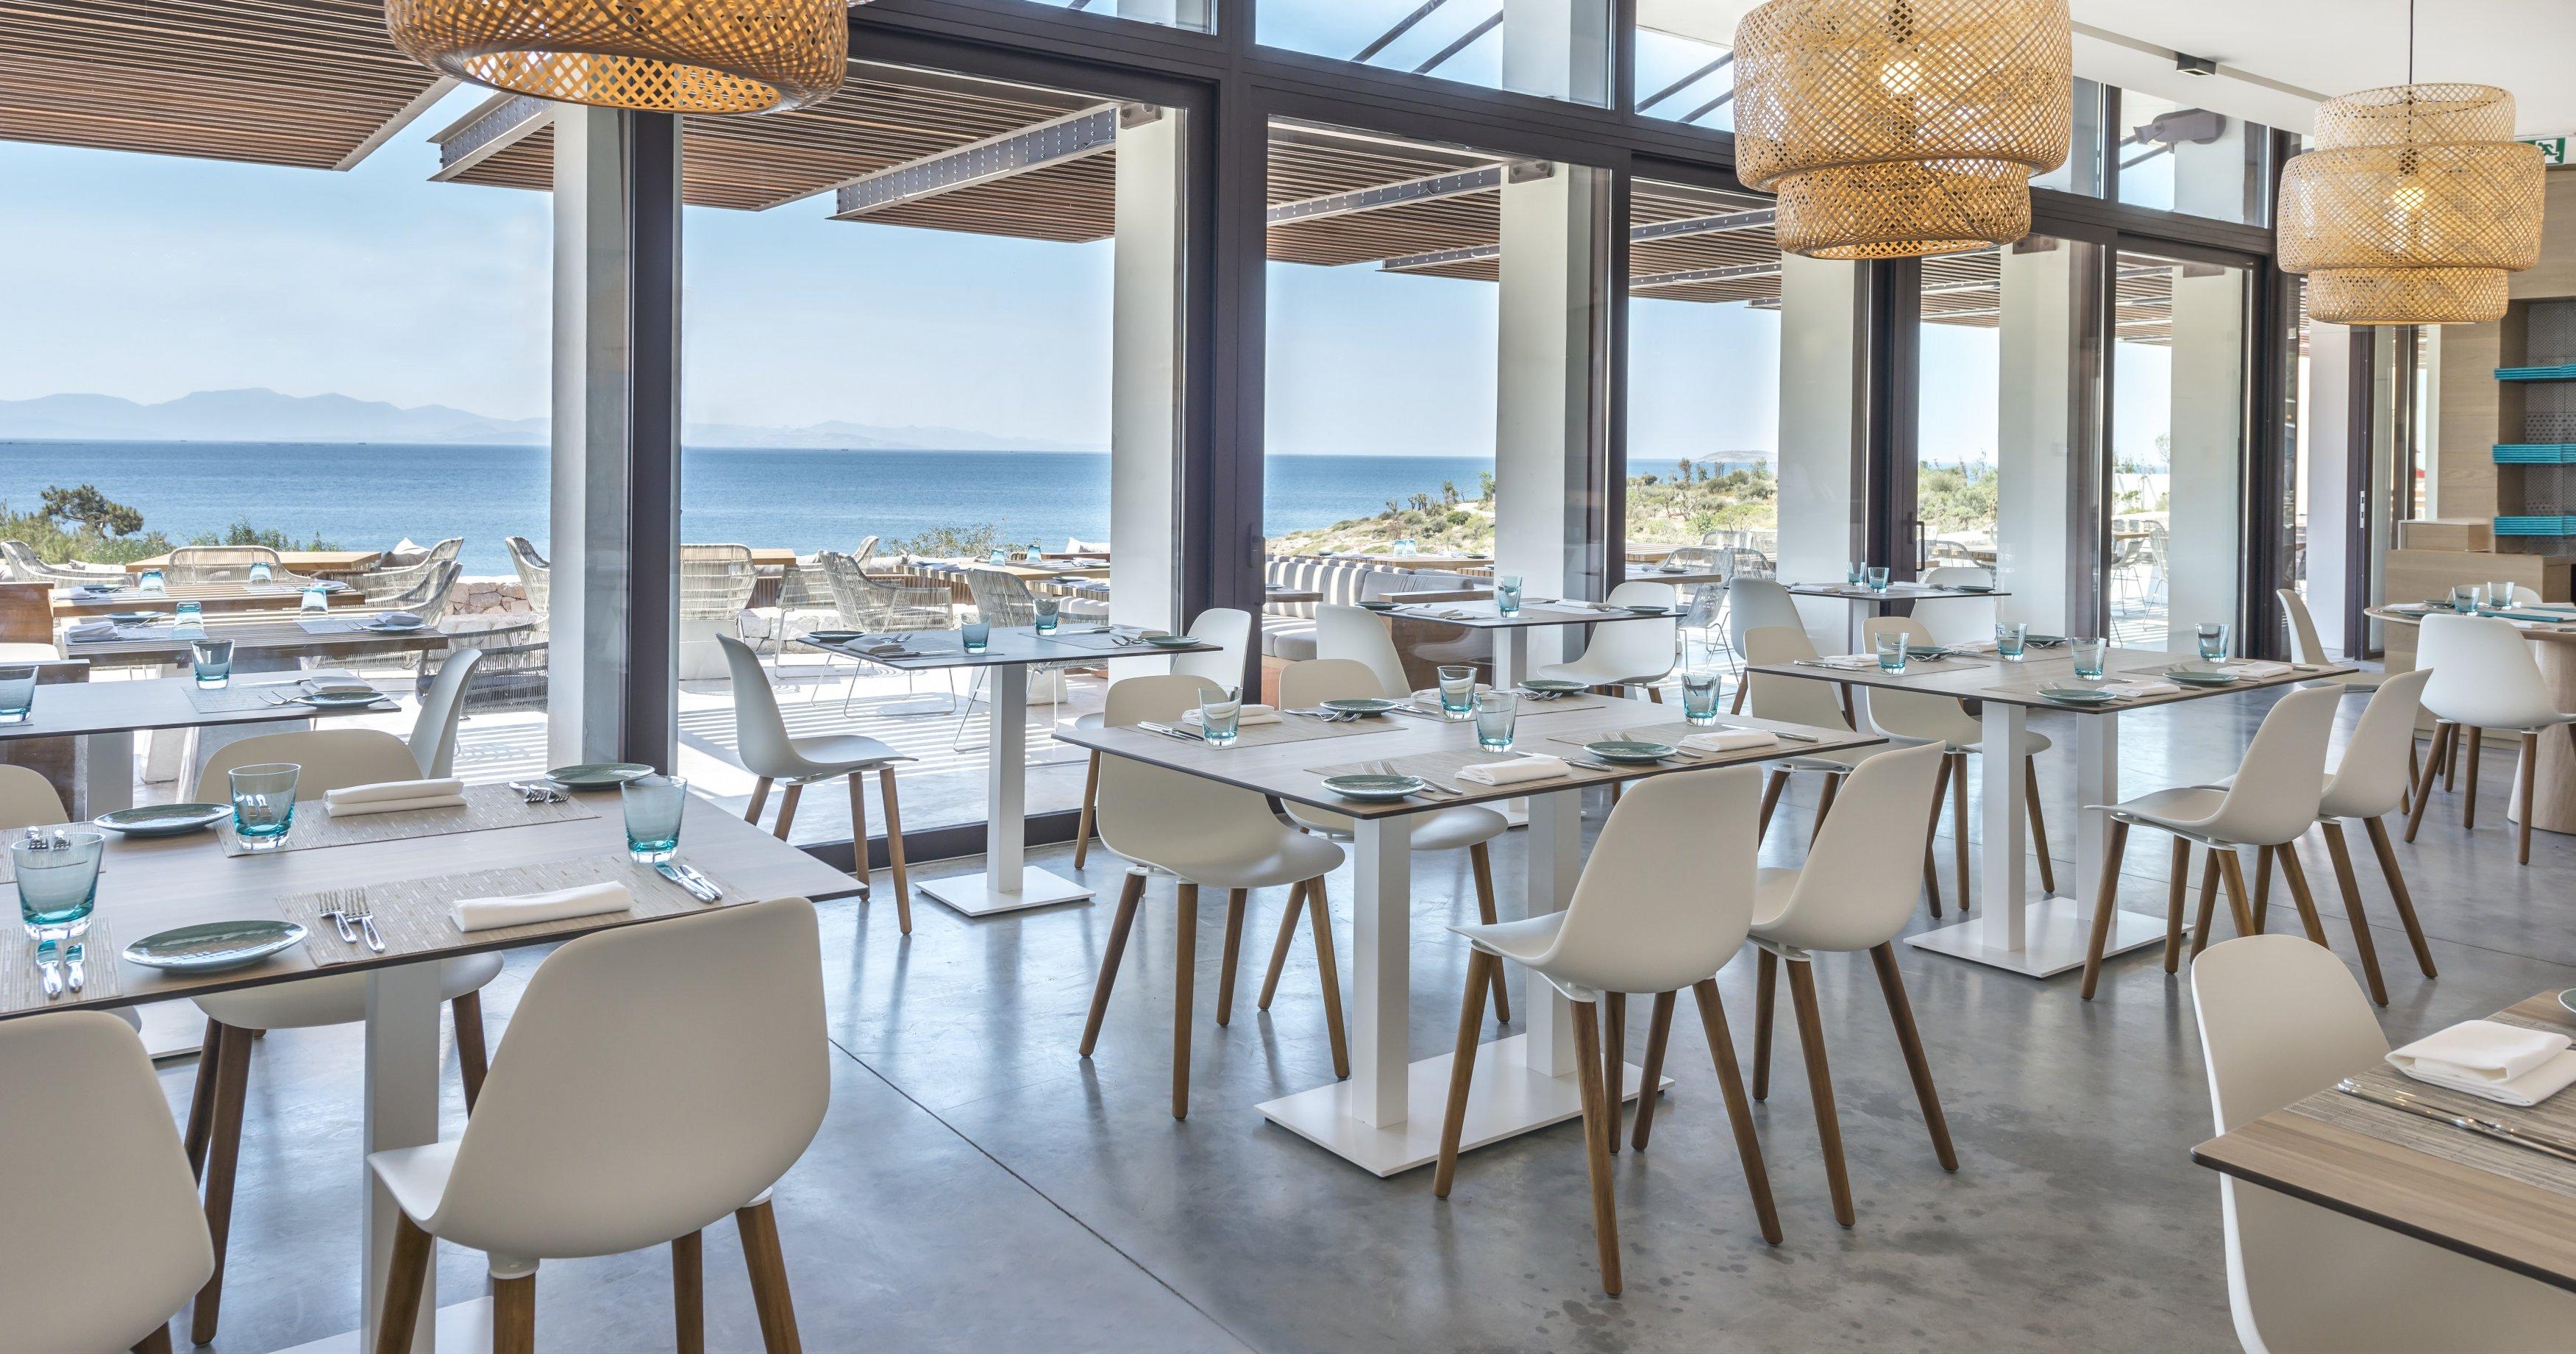 Wild_Thyme_restaurant